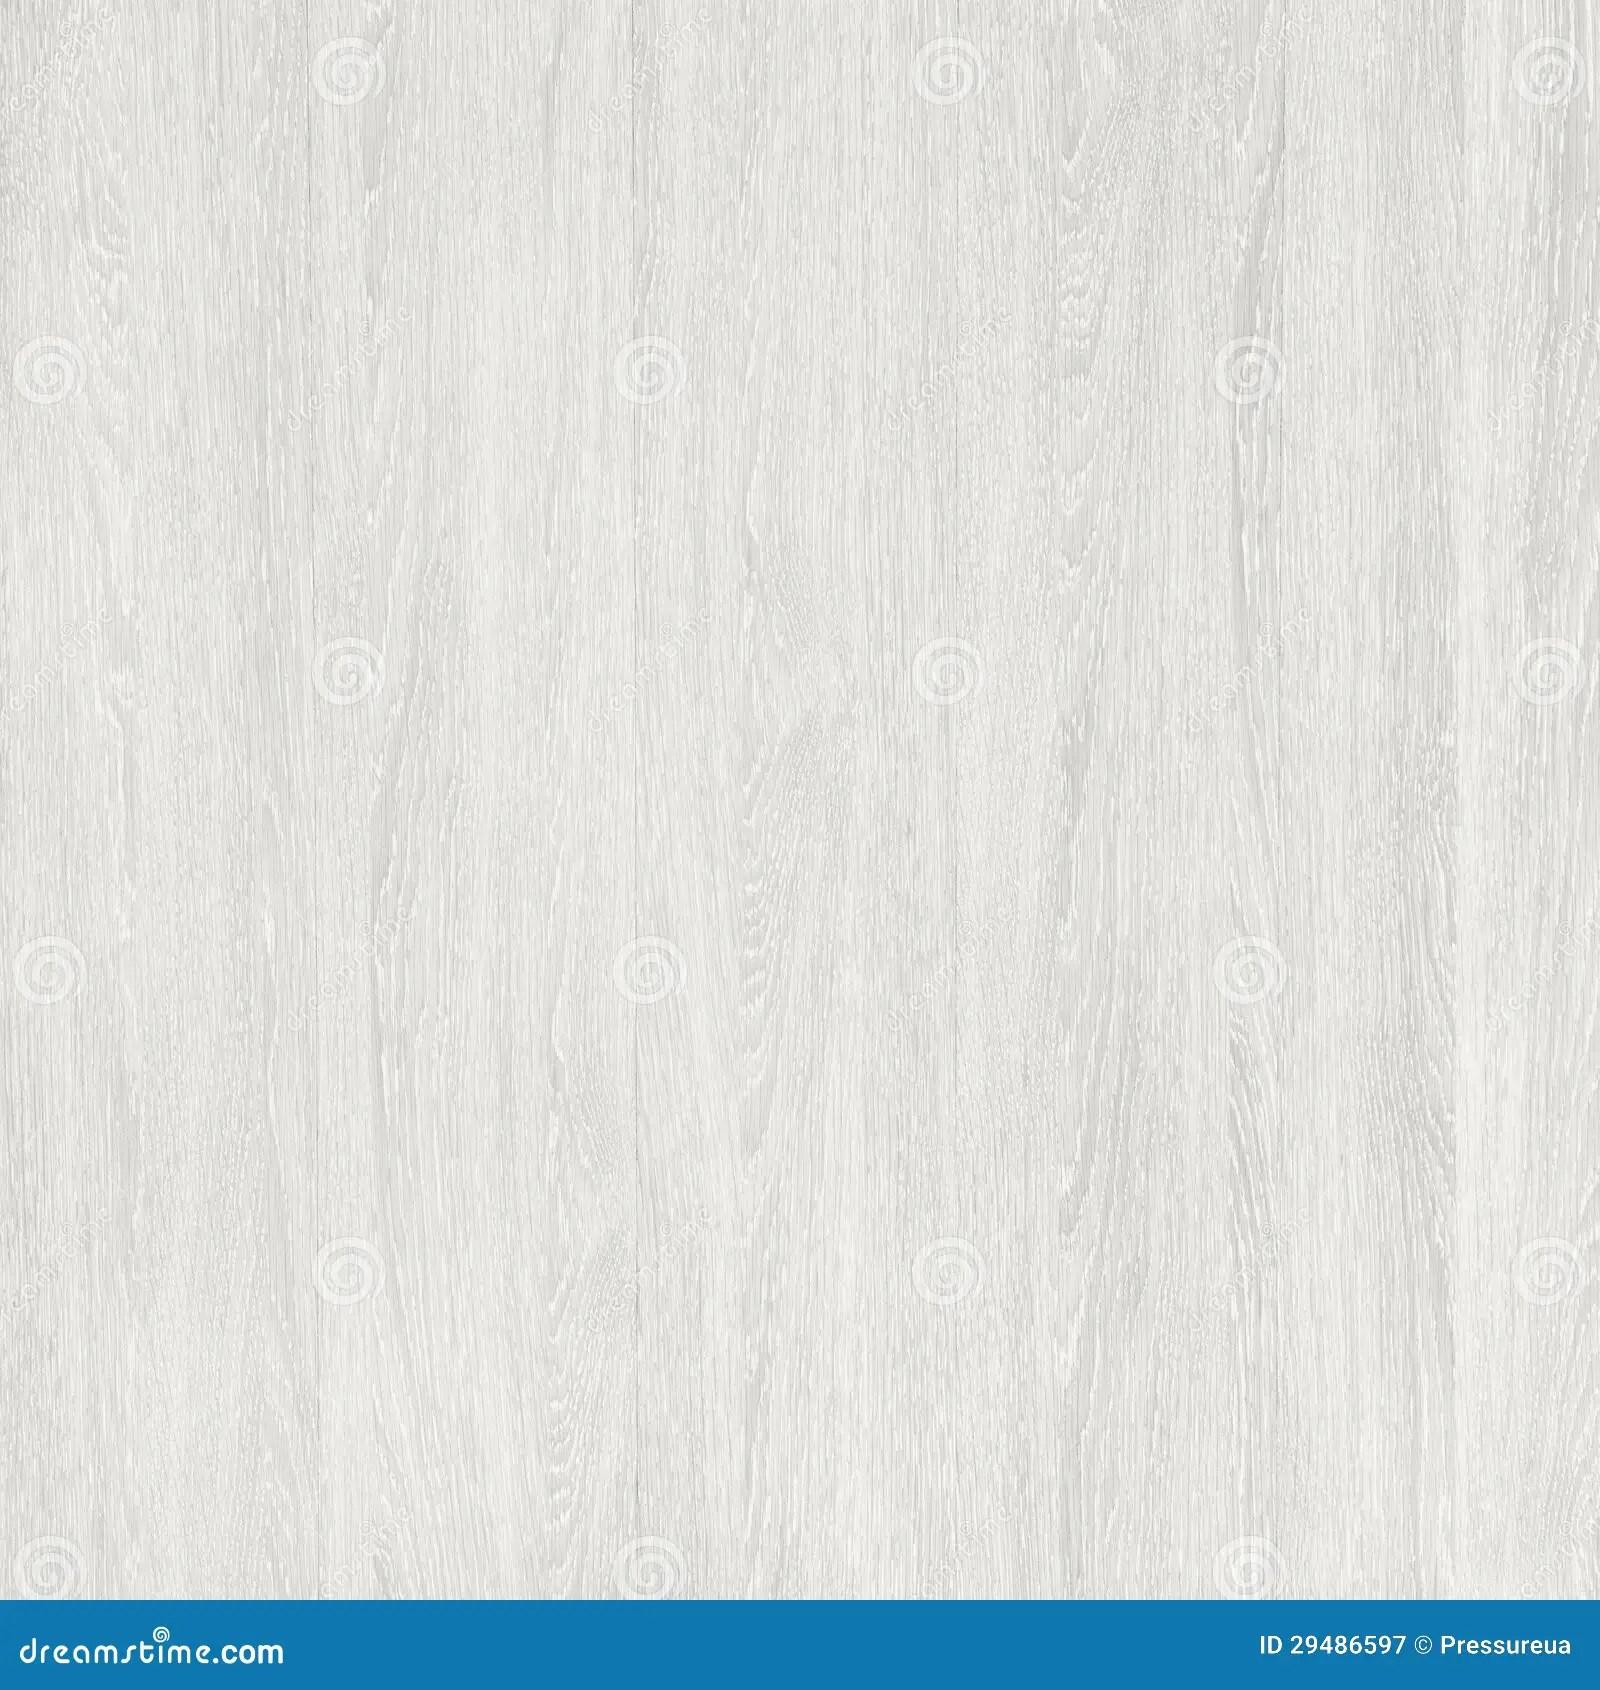 Seamless Loft White Parquet Texture Royalty Free Stock